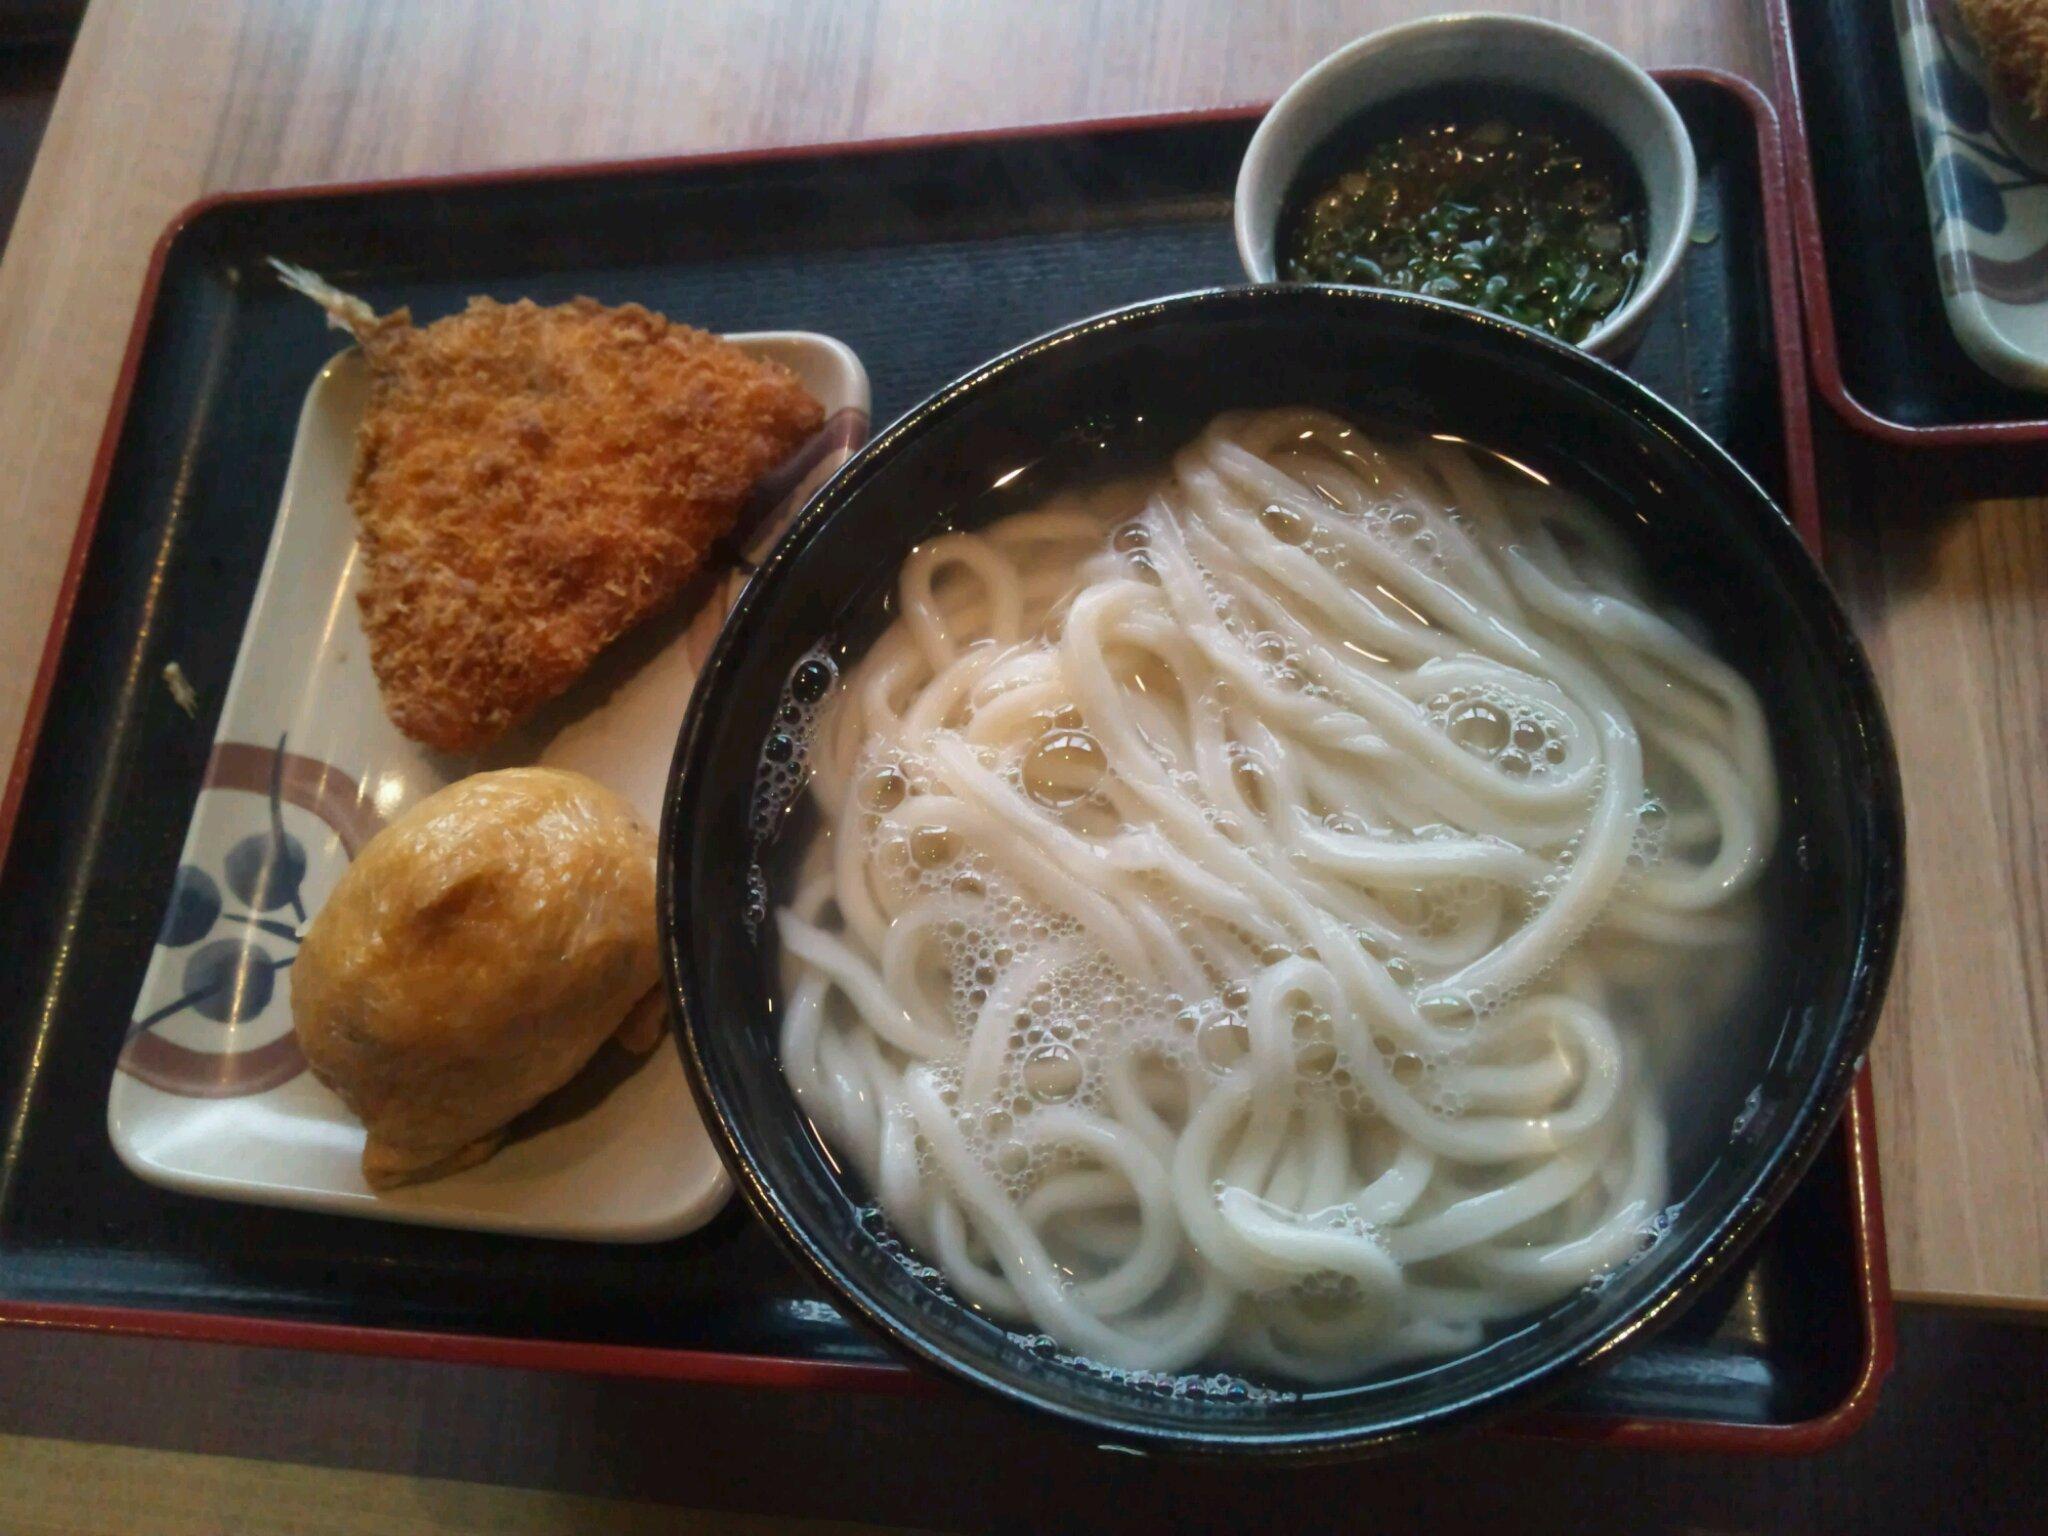 イワサキ高松店近隣ランチ情報 : さぬき麺市場 高松伏石店_b0163075_8261416.jpg